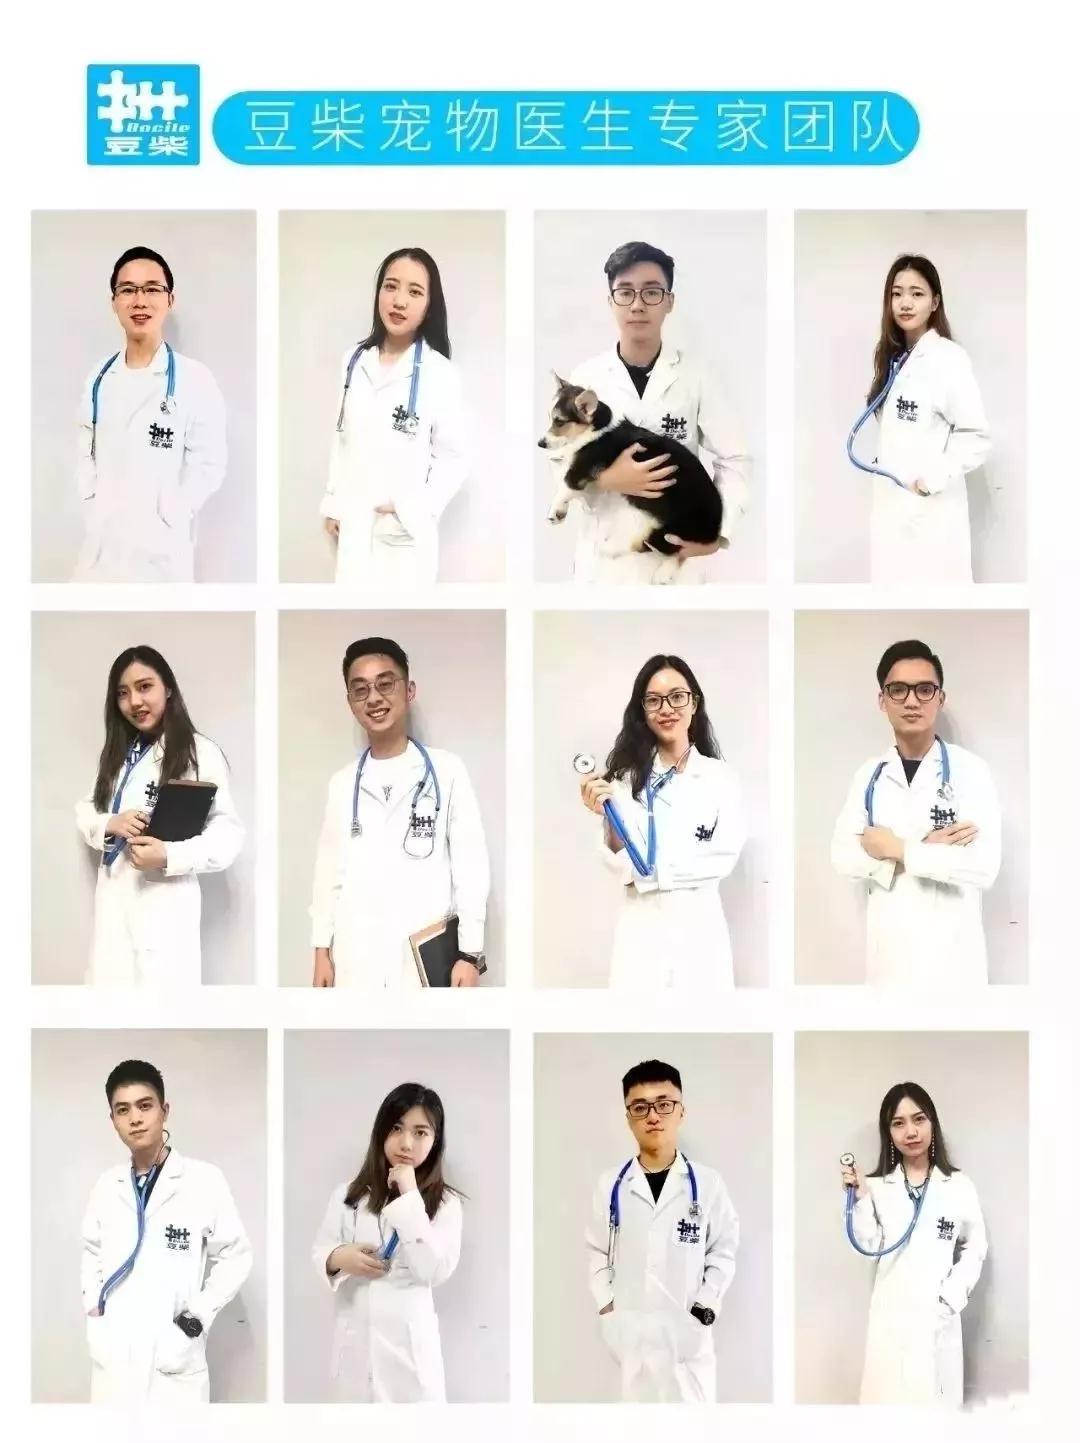 【宠物医生咨询】猫咪拉稀了,到底该怎么办?